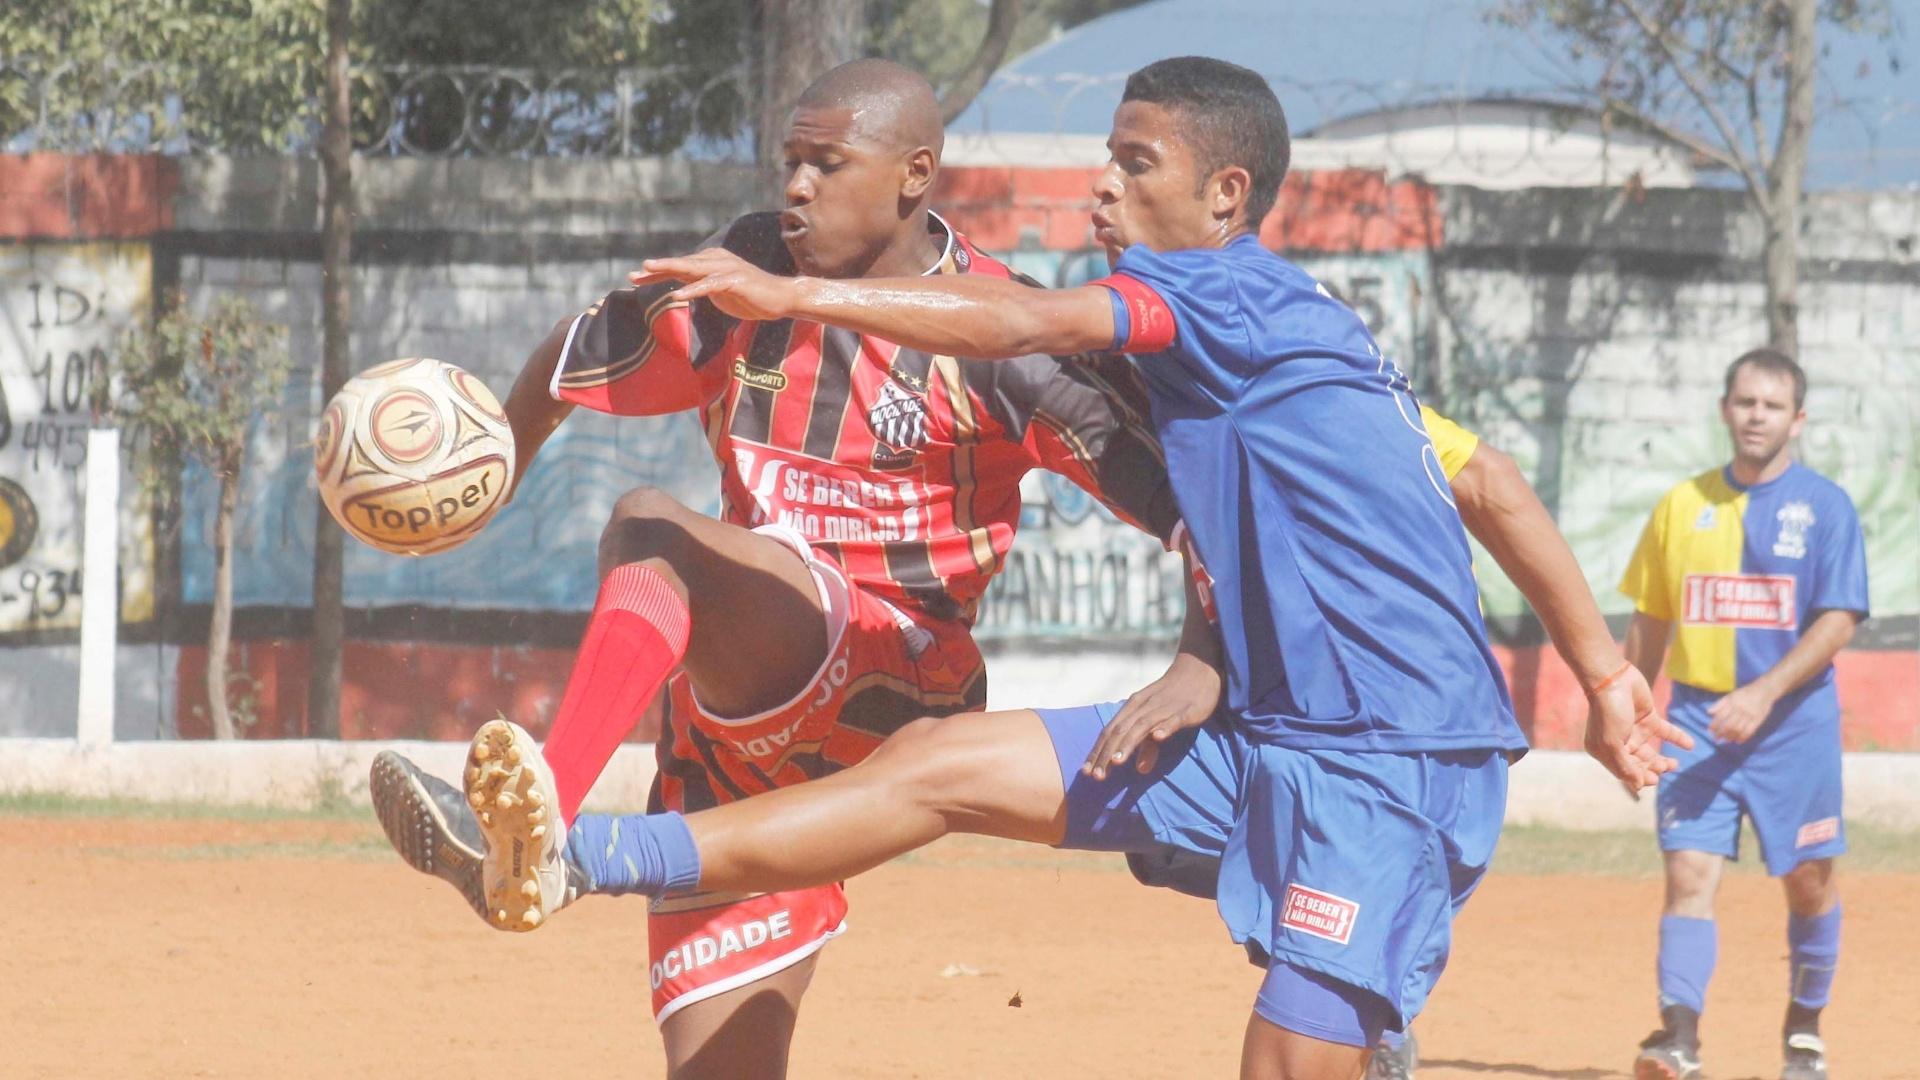 O terrão do Flamengo de Vila Maria dificultou a visibilidade no jogo de Mocidade Cabucu (vermelho) 2 X 1 Só Embaça (azul)